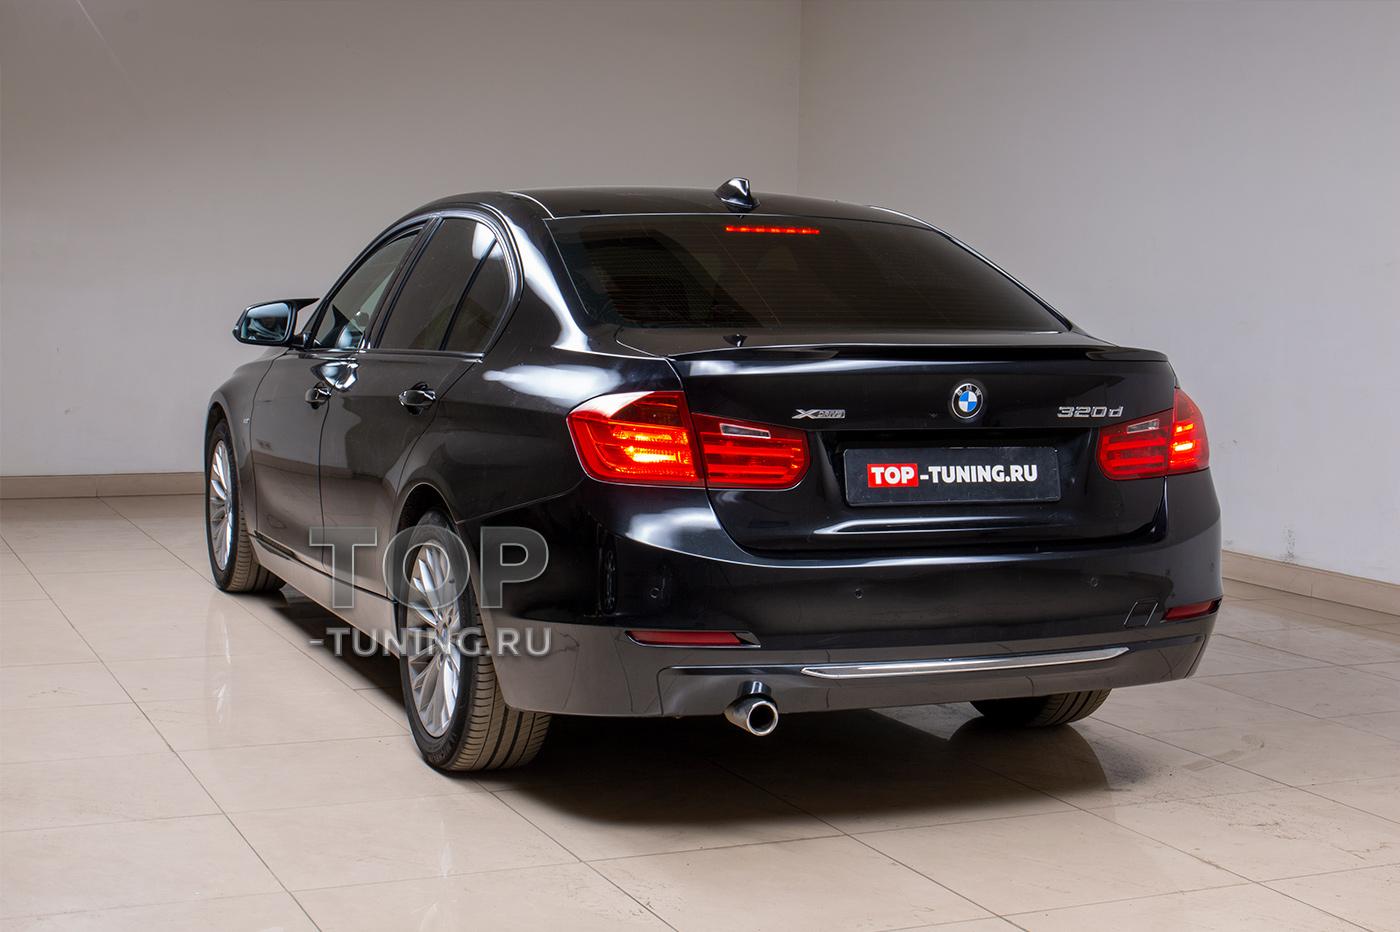 103463 Решетка, юбка, спойлер, зеркала для BMW 3 F30